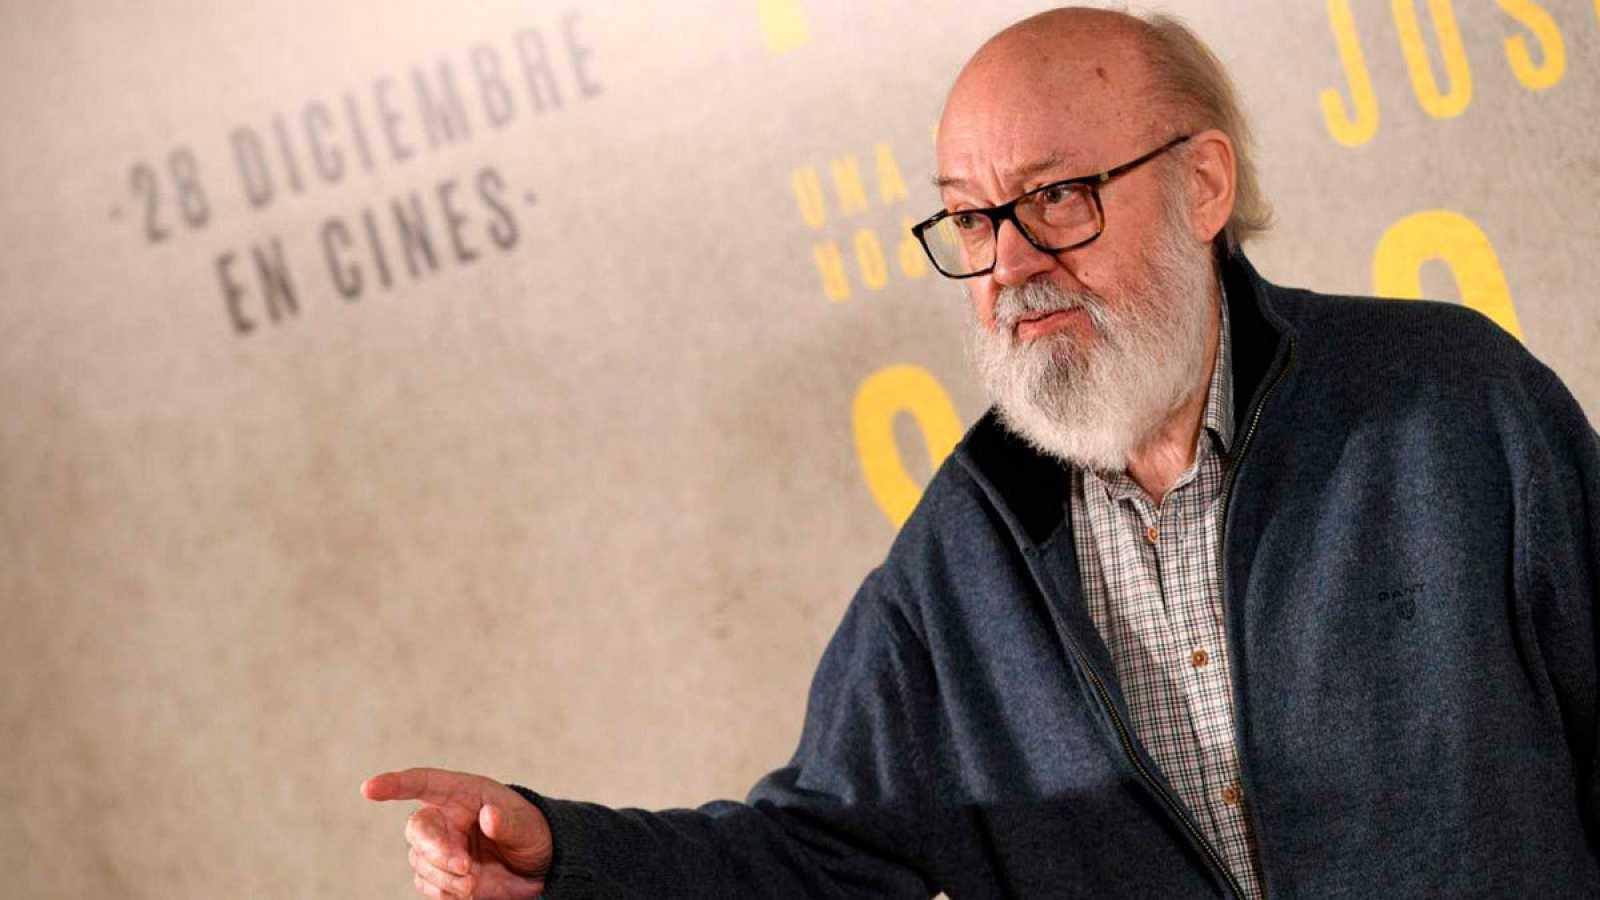 Fallece A Los 72 Años El Director De Cine José Luis Cuerda Informavalencia Diario Digital Valenciano